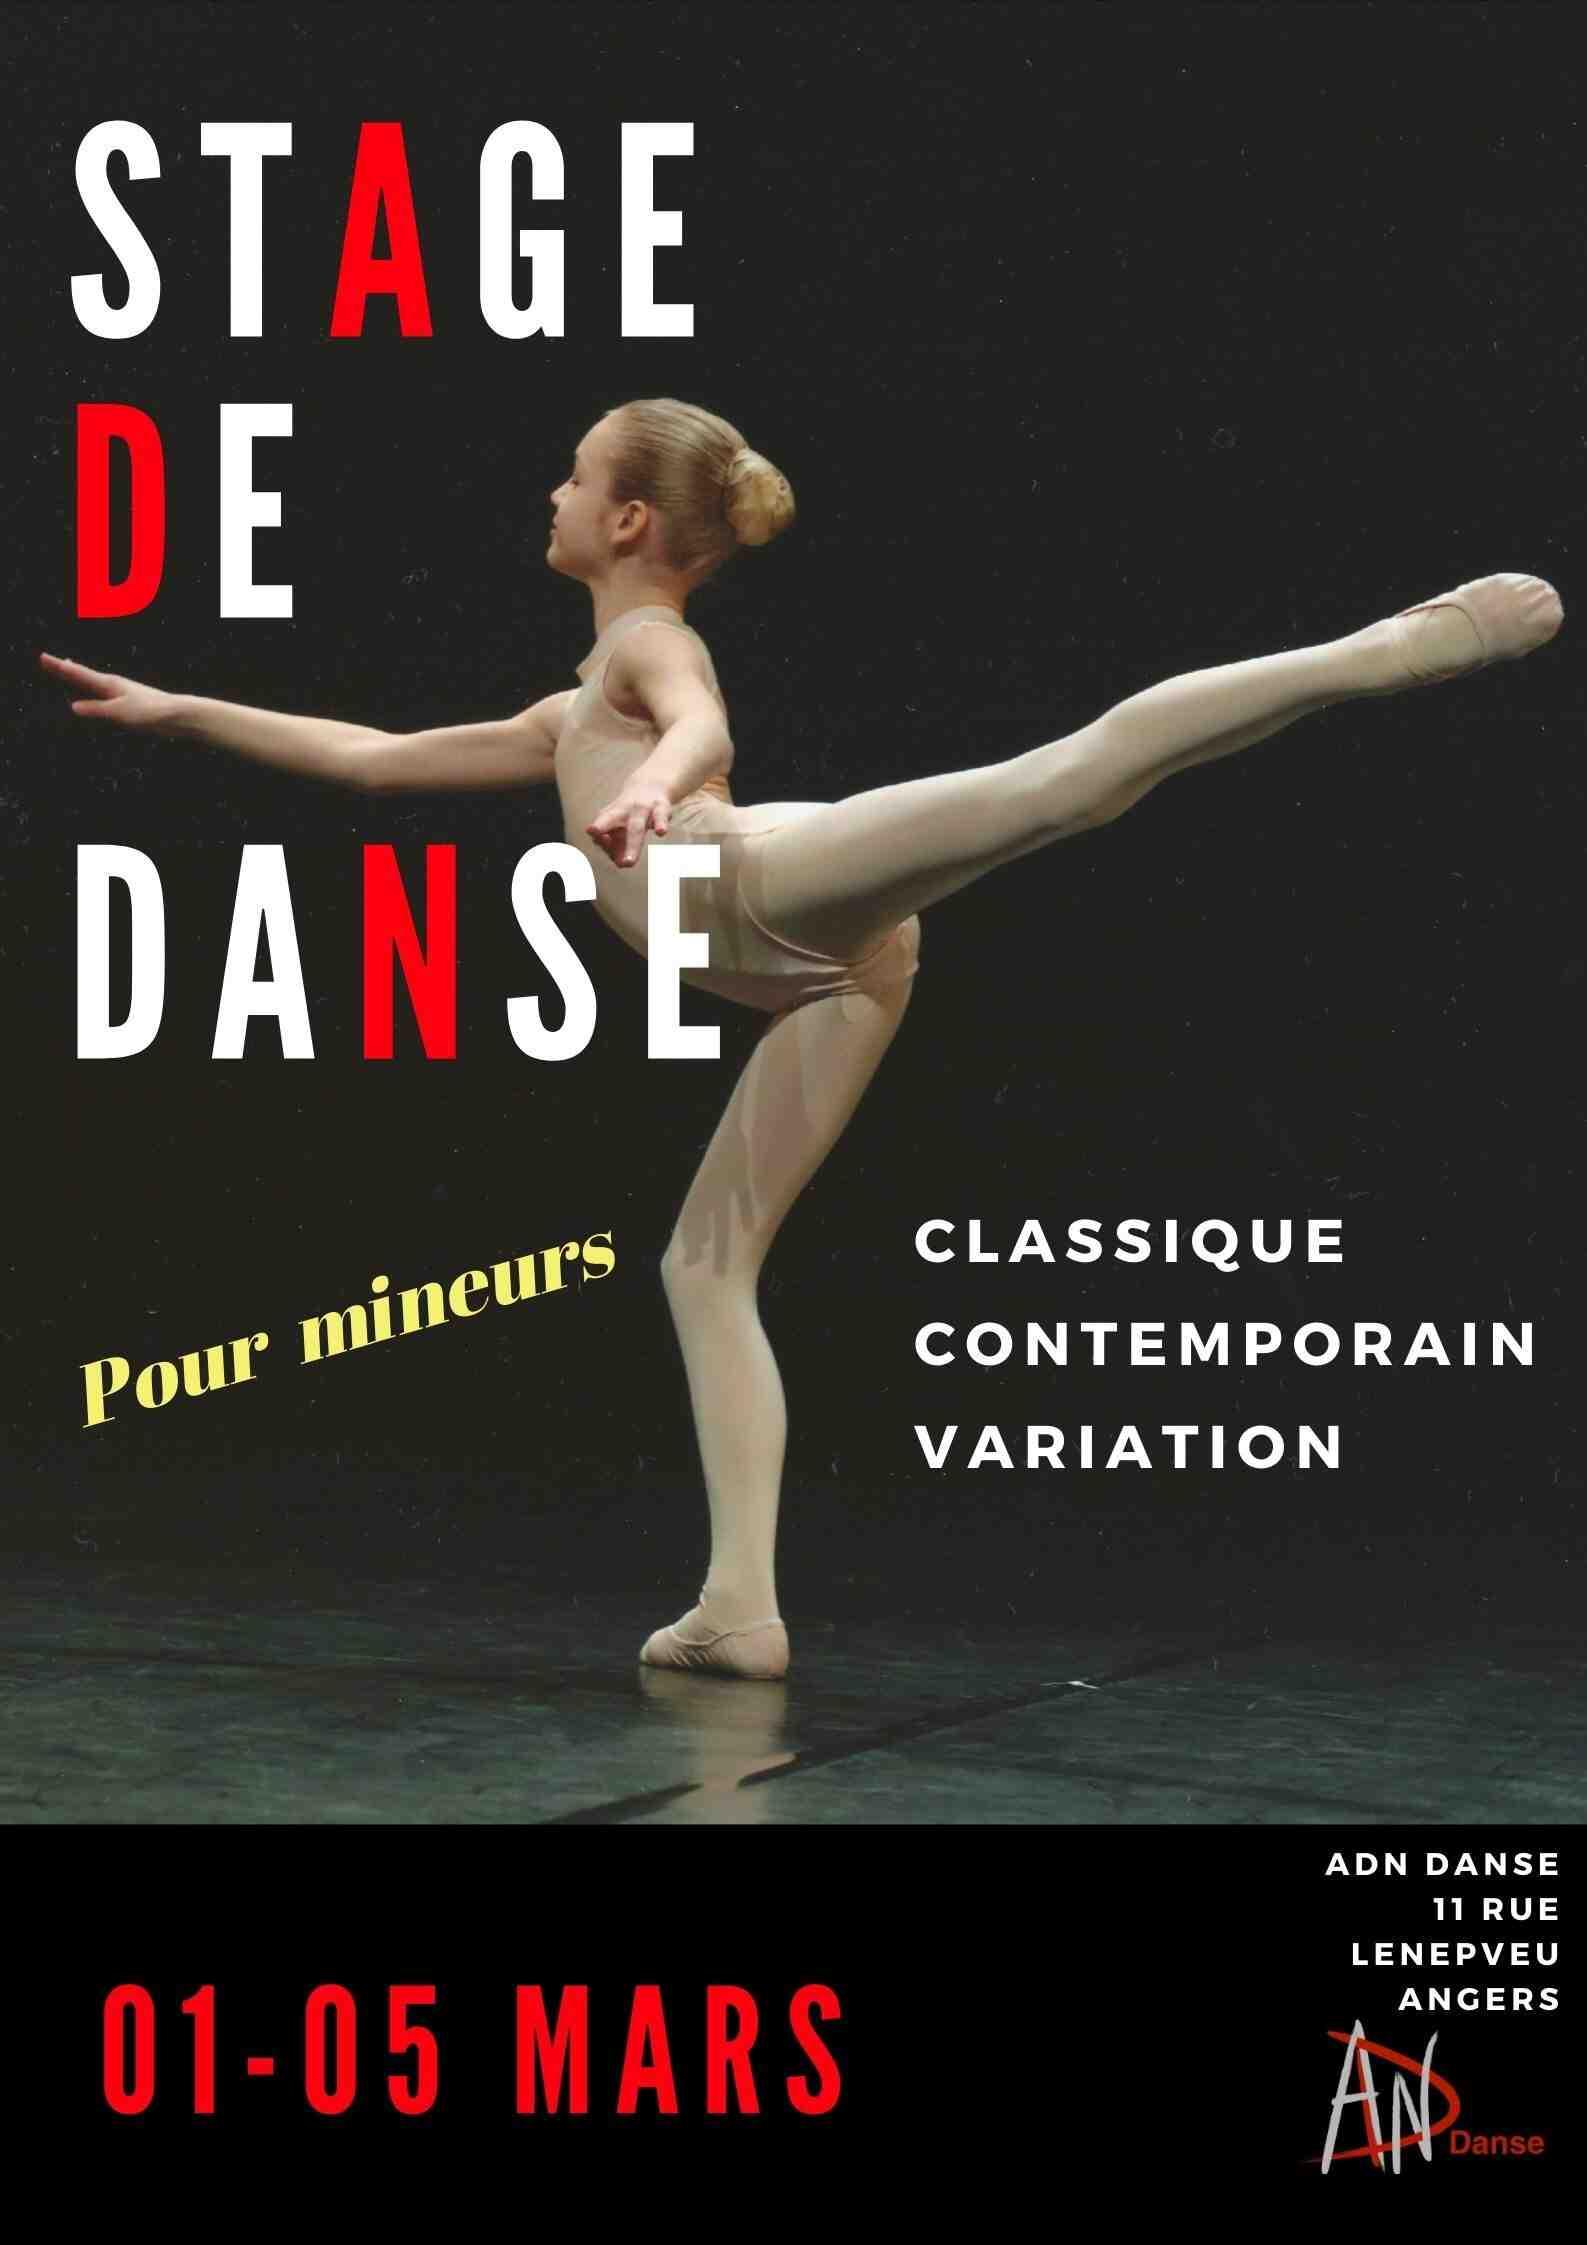 Pourquoi la danse n'est-elle pas un sport?